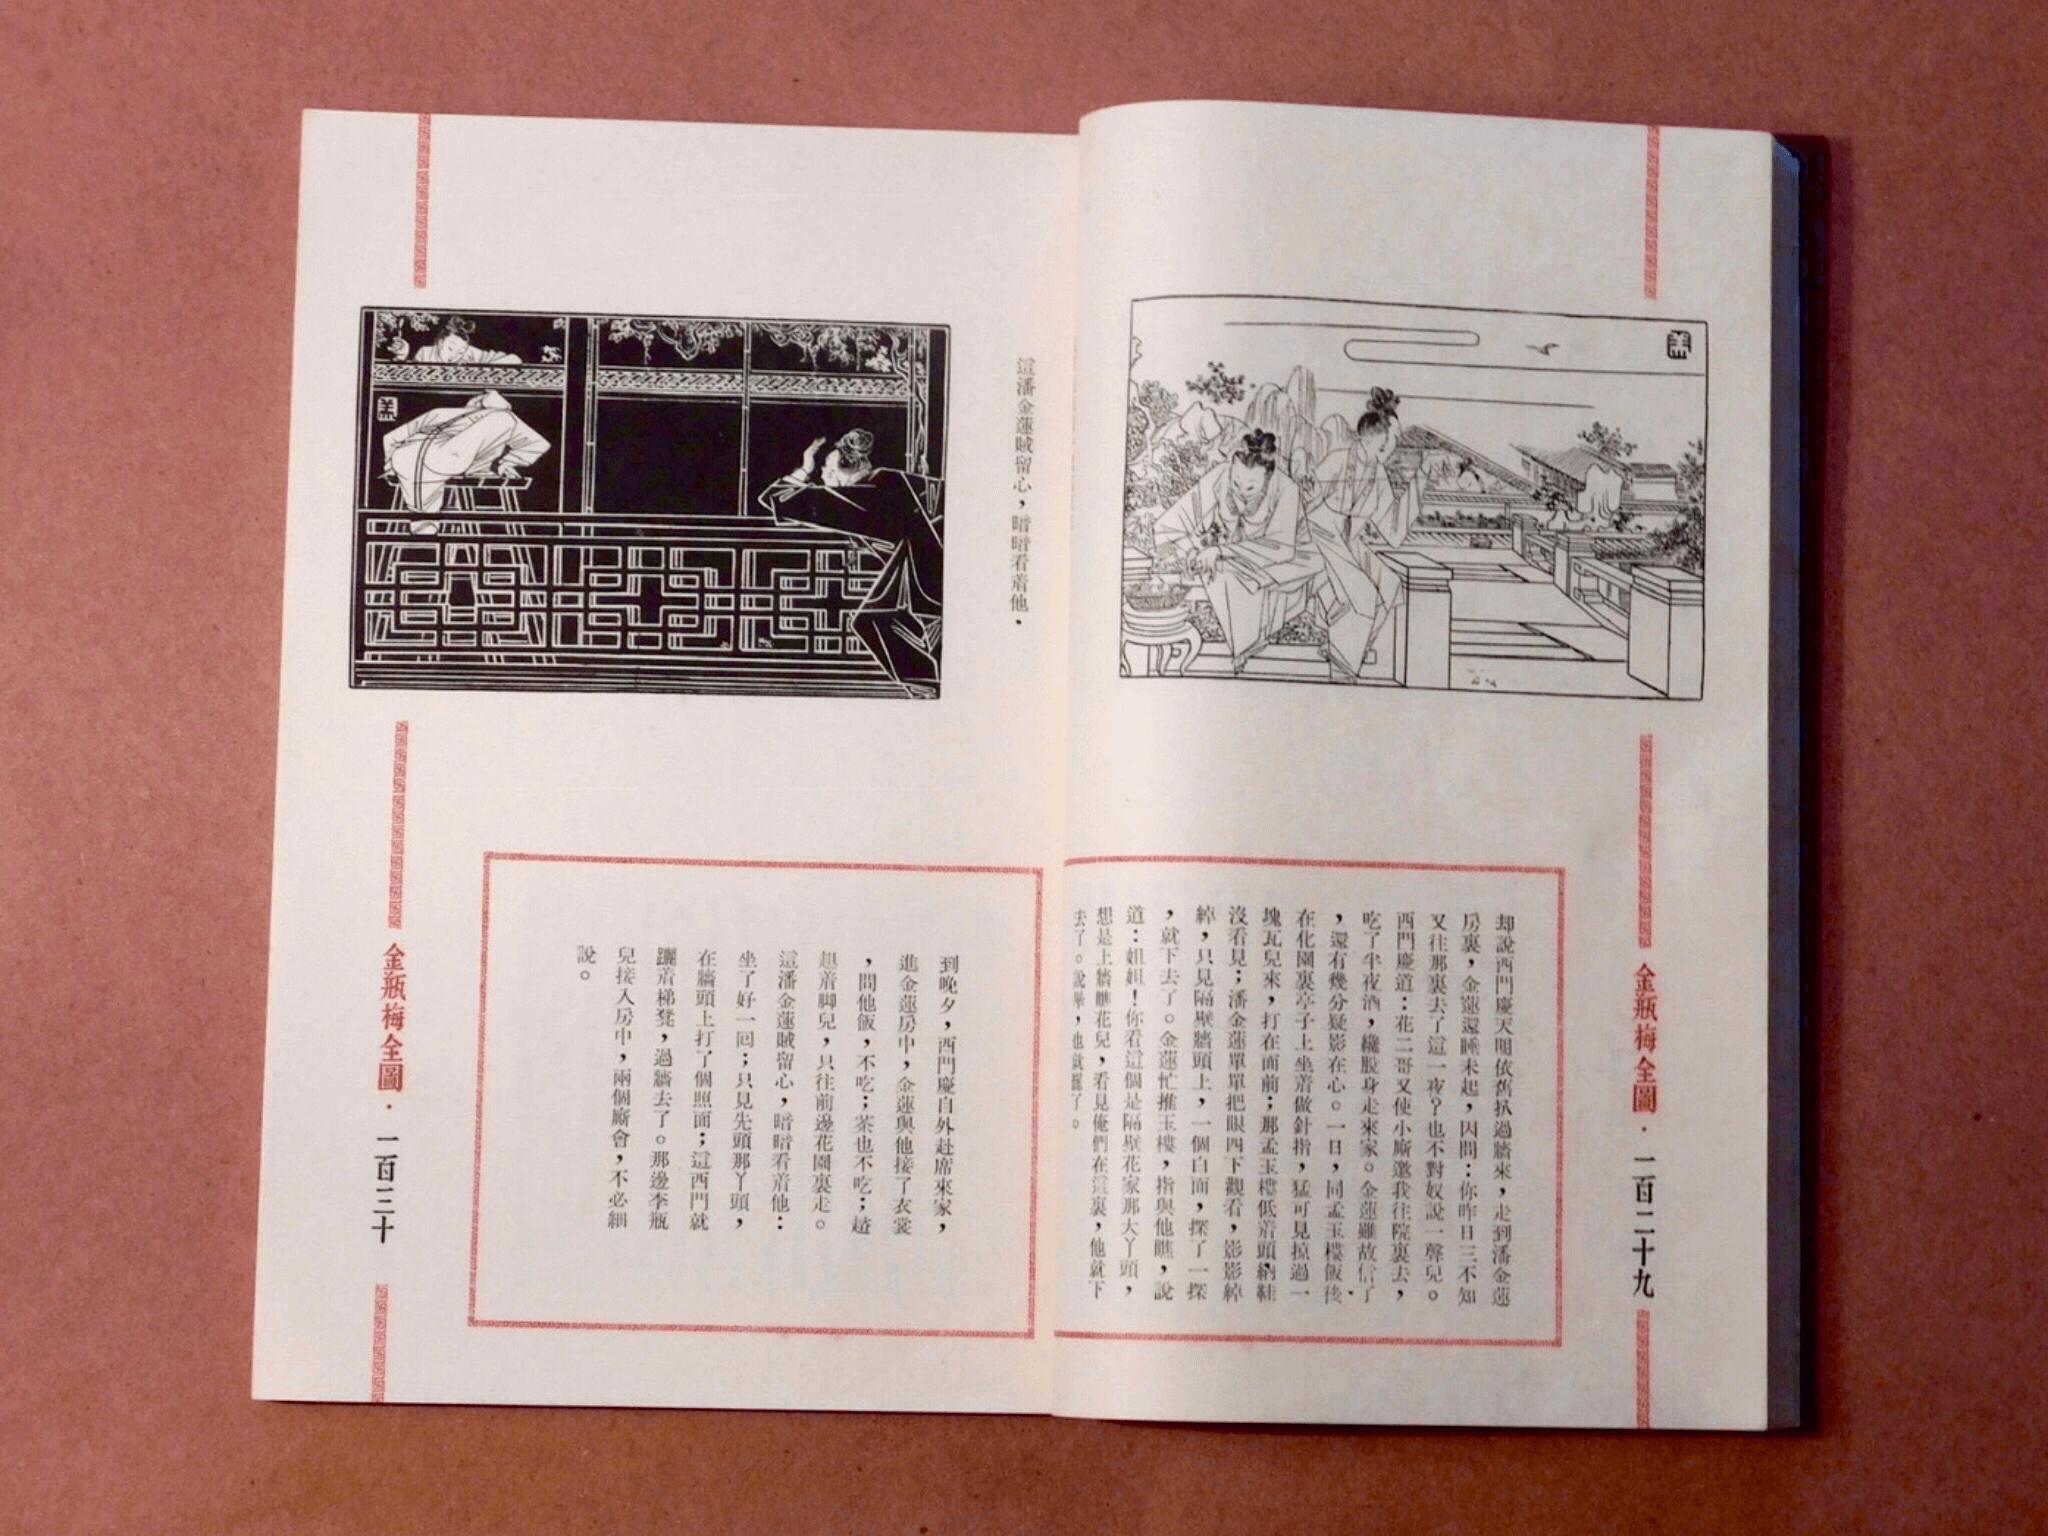 書的內頁全貌:上圖下文